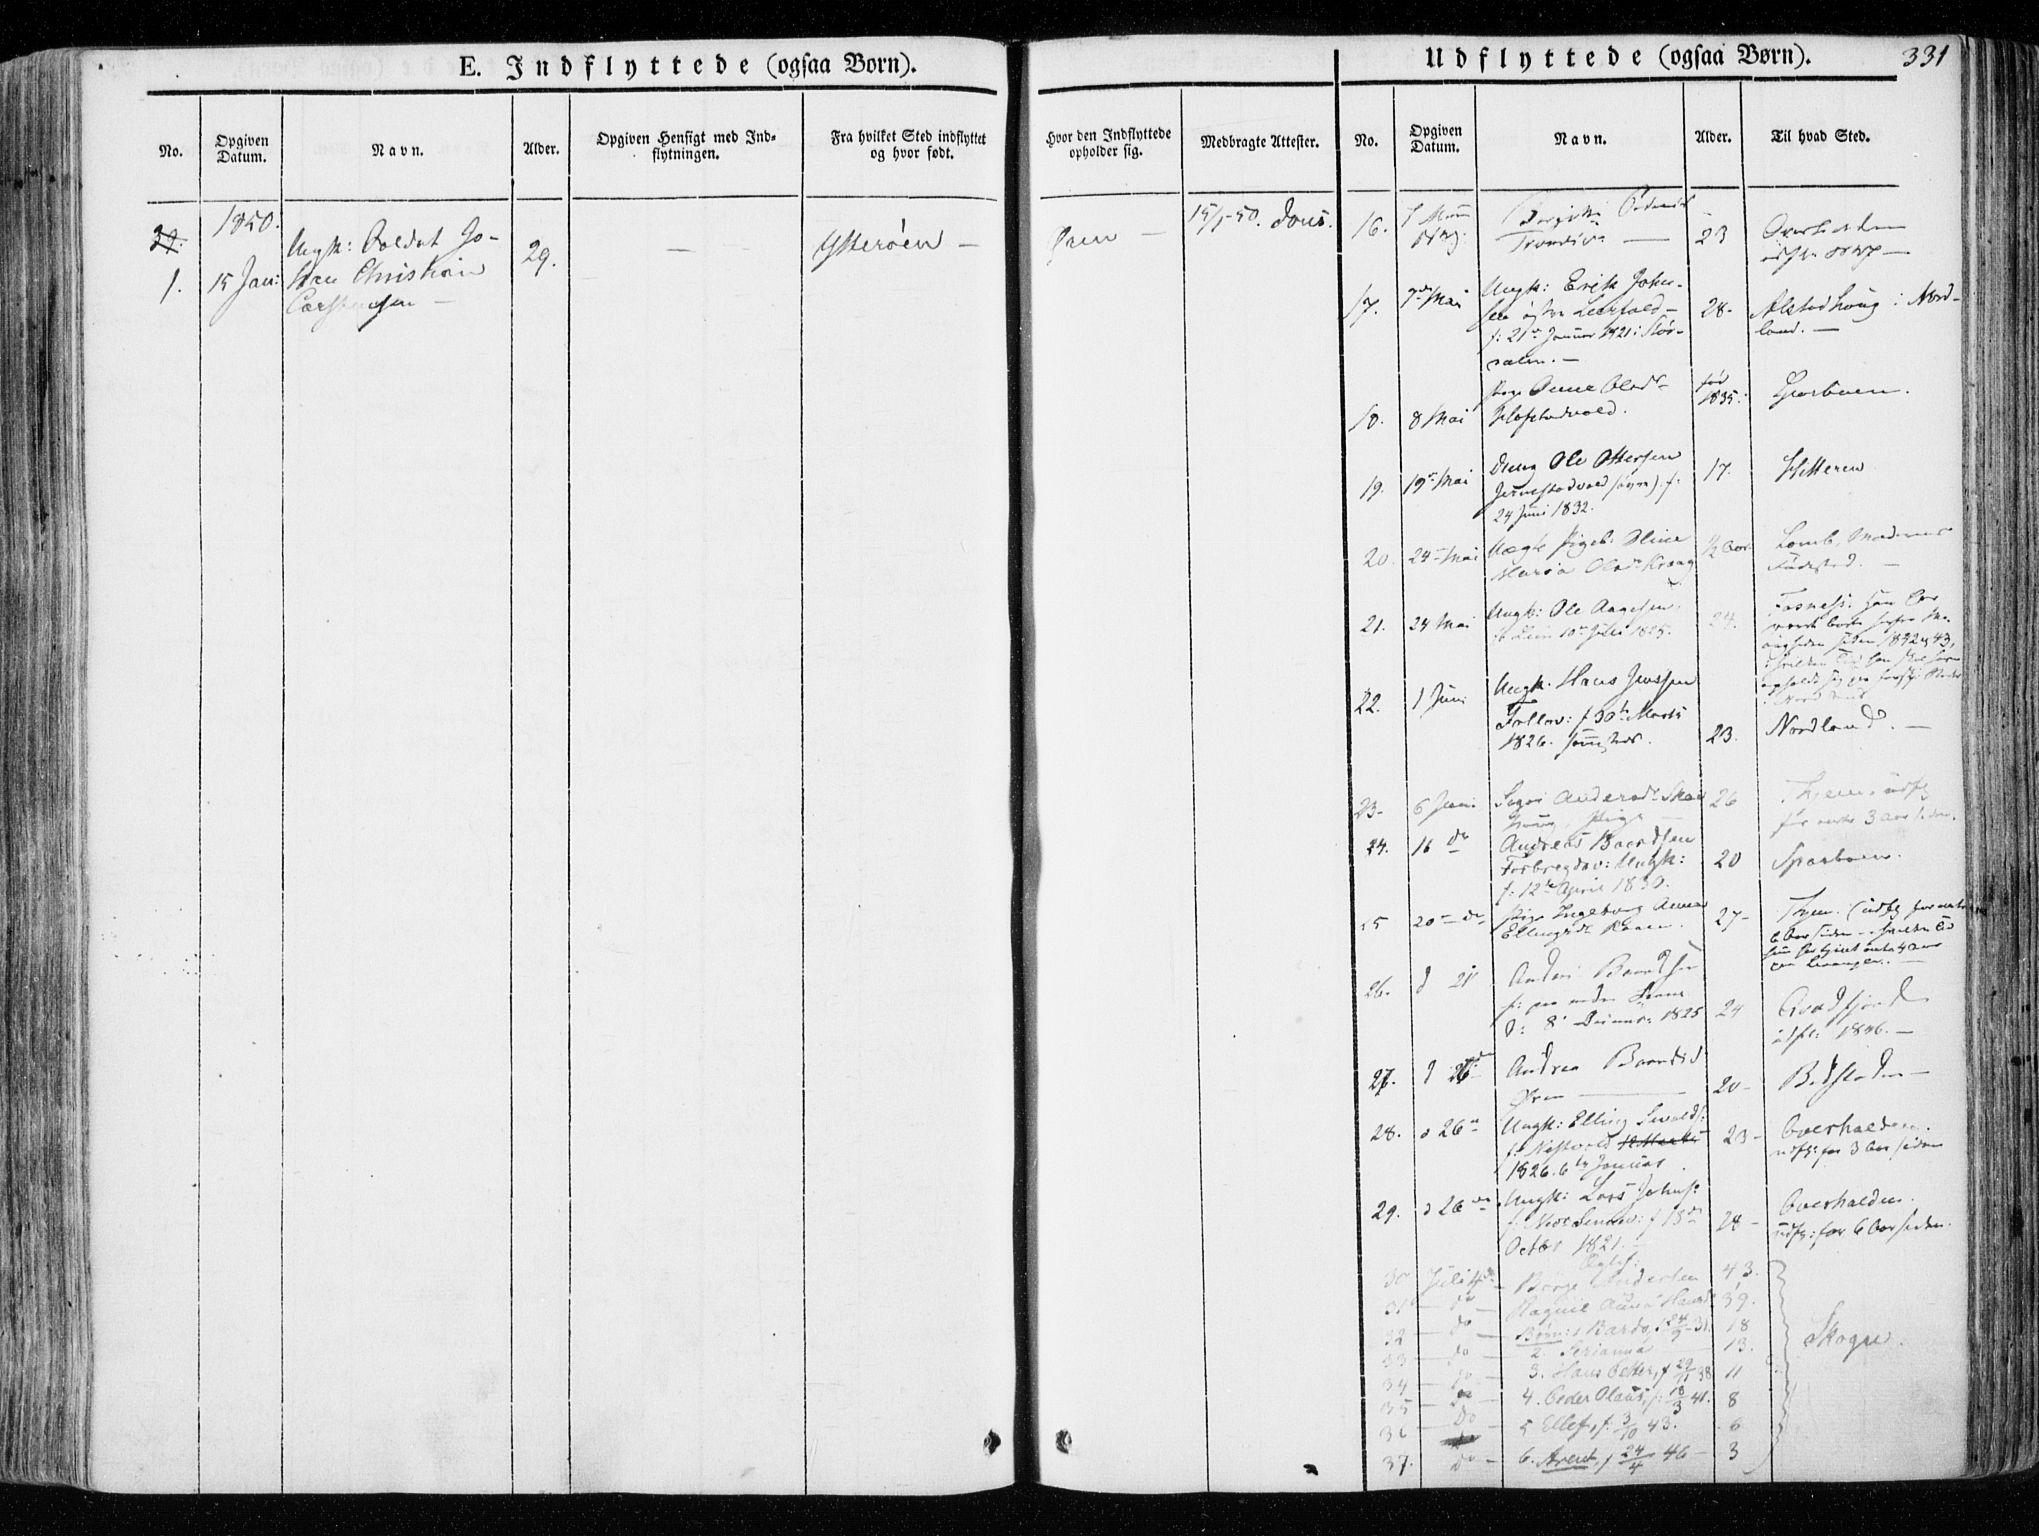 SAT, Ministerialprotokoller, klokkerbøker og fødselsregistre - Nord-Trøndelag, 723/L0239: Ministerialbok nr. 723A08, 1841-1851, s. 331